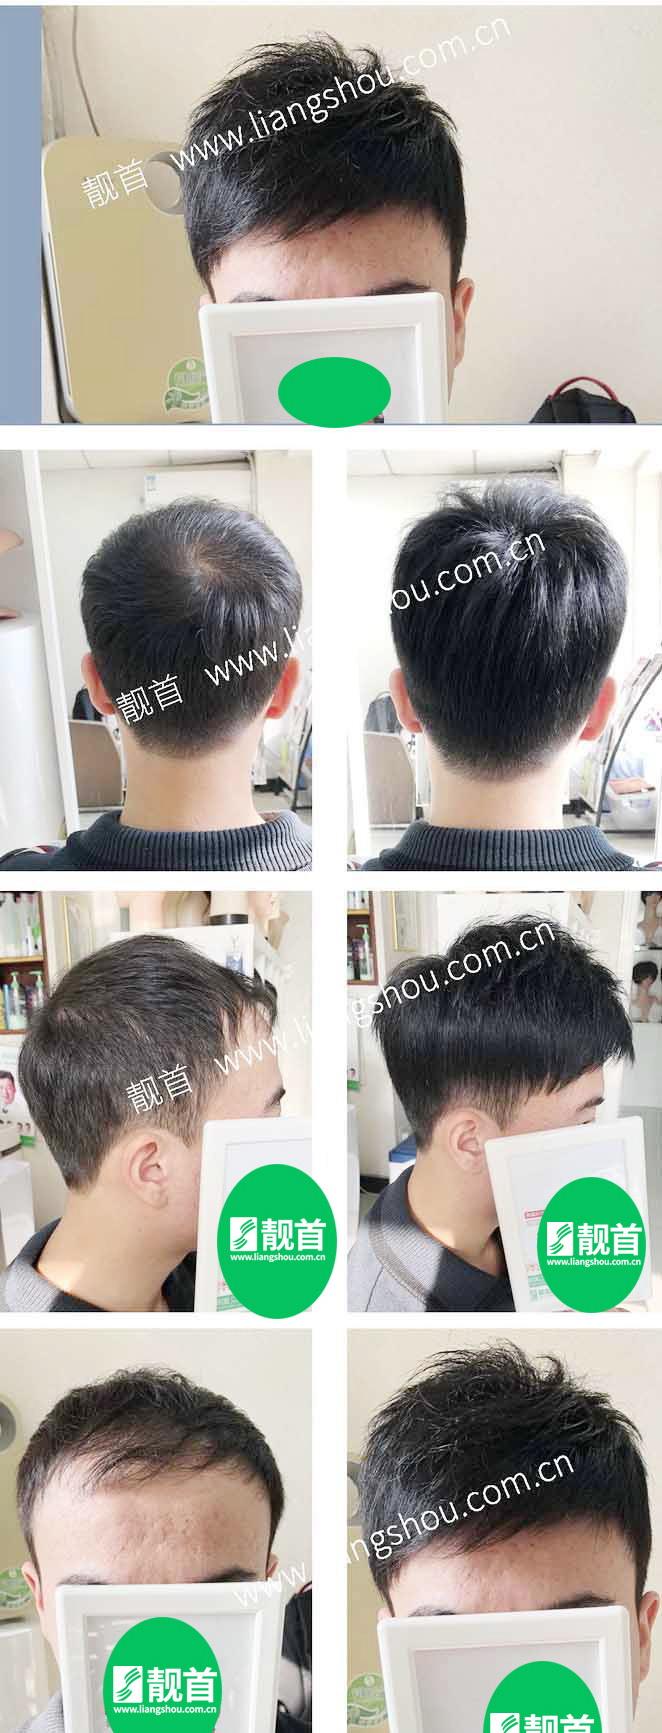 青年-短发-自由式-小面积-男士织发-补发-真人发假发-实拍案例